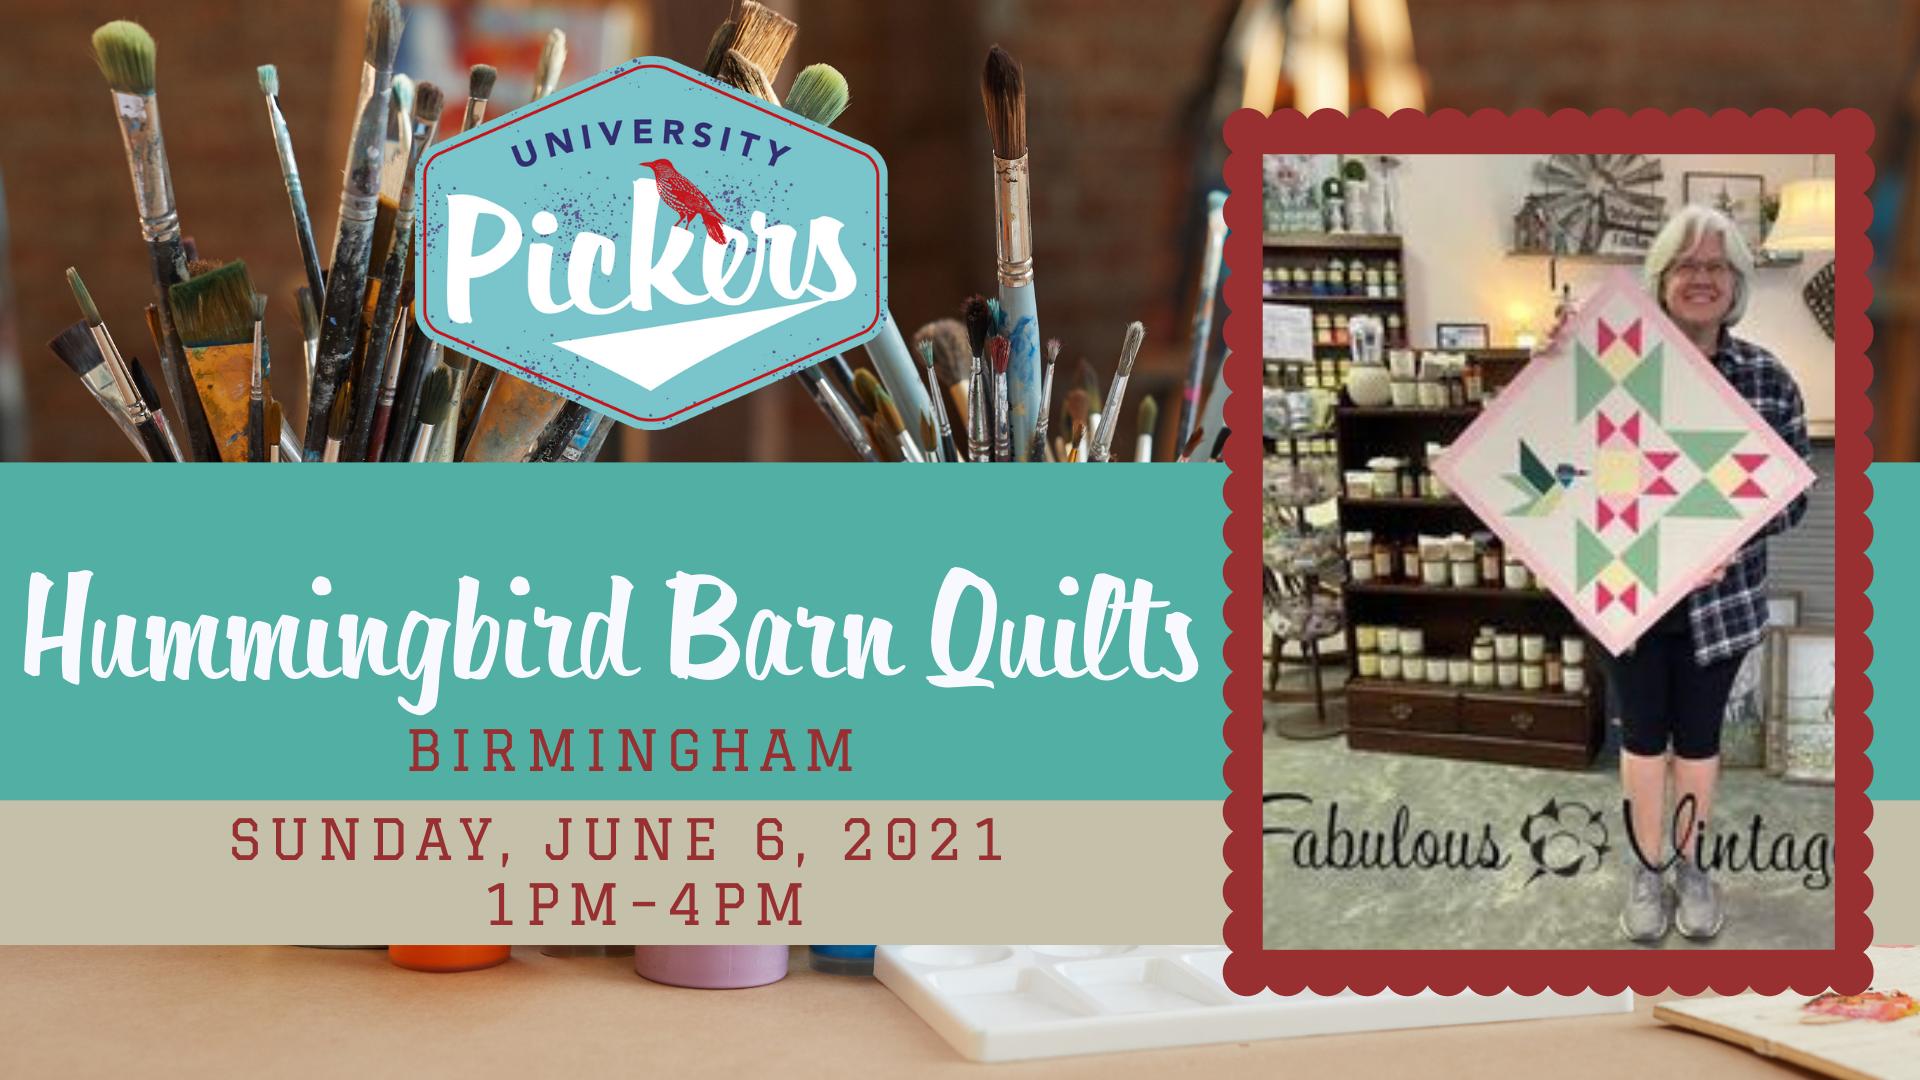 Sunday, June 6 1:00-4:00 Hummingbird Barn Quilts